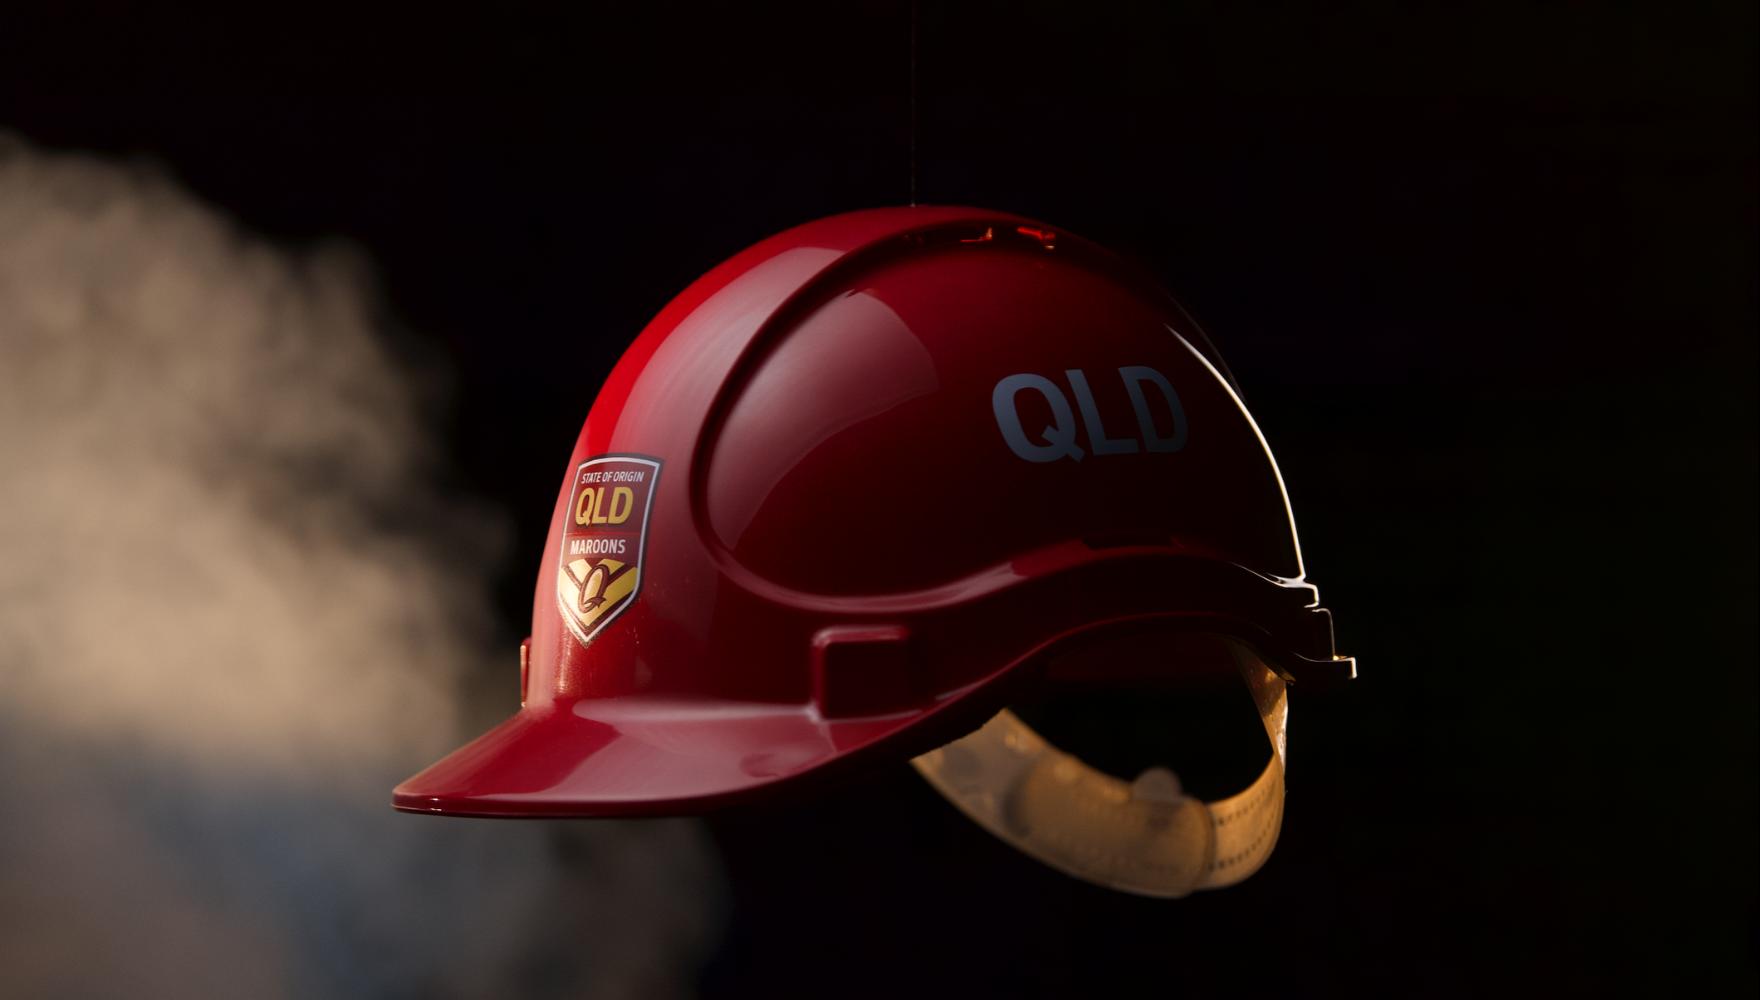 Signet's Qld State of Origin Hard Hat